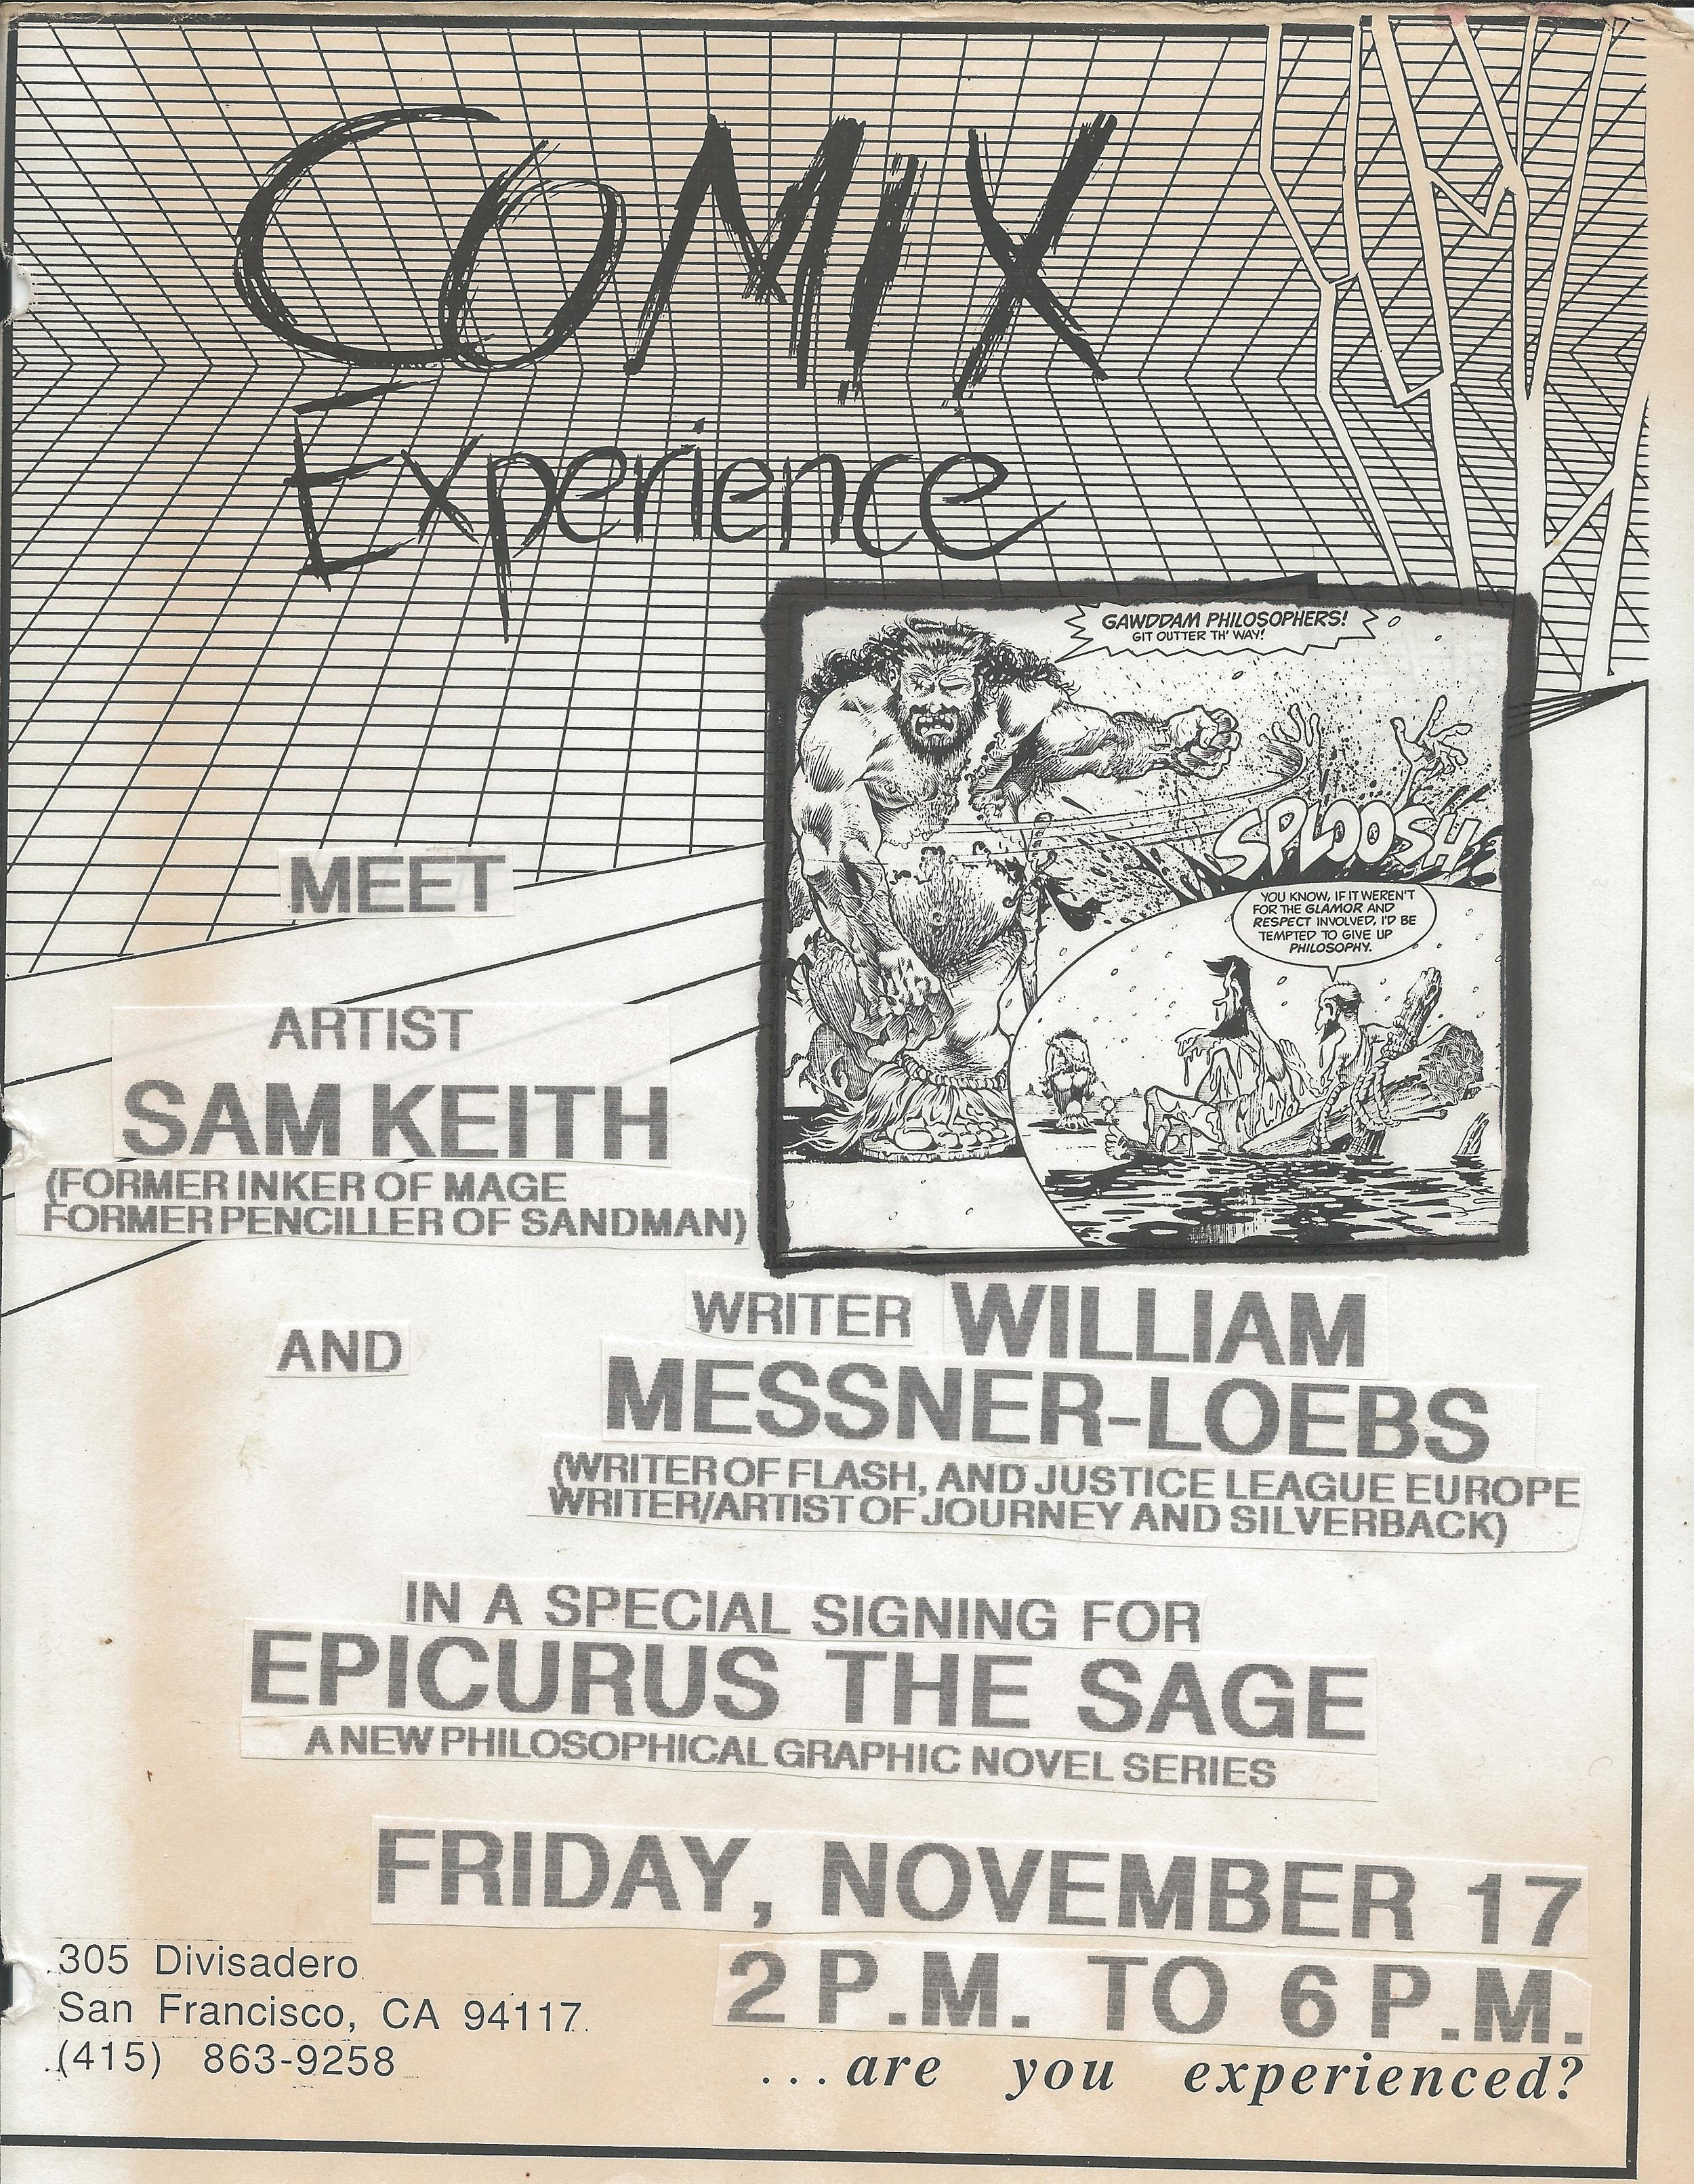 1989 1117 Sam Keith and William Messner Loebs Flier.jpg